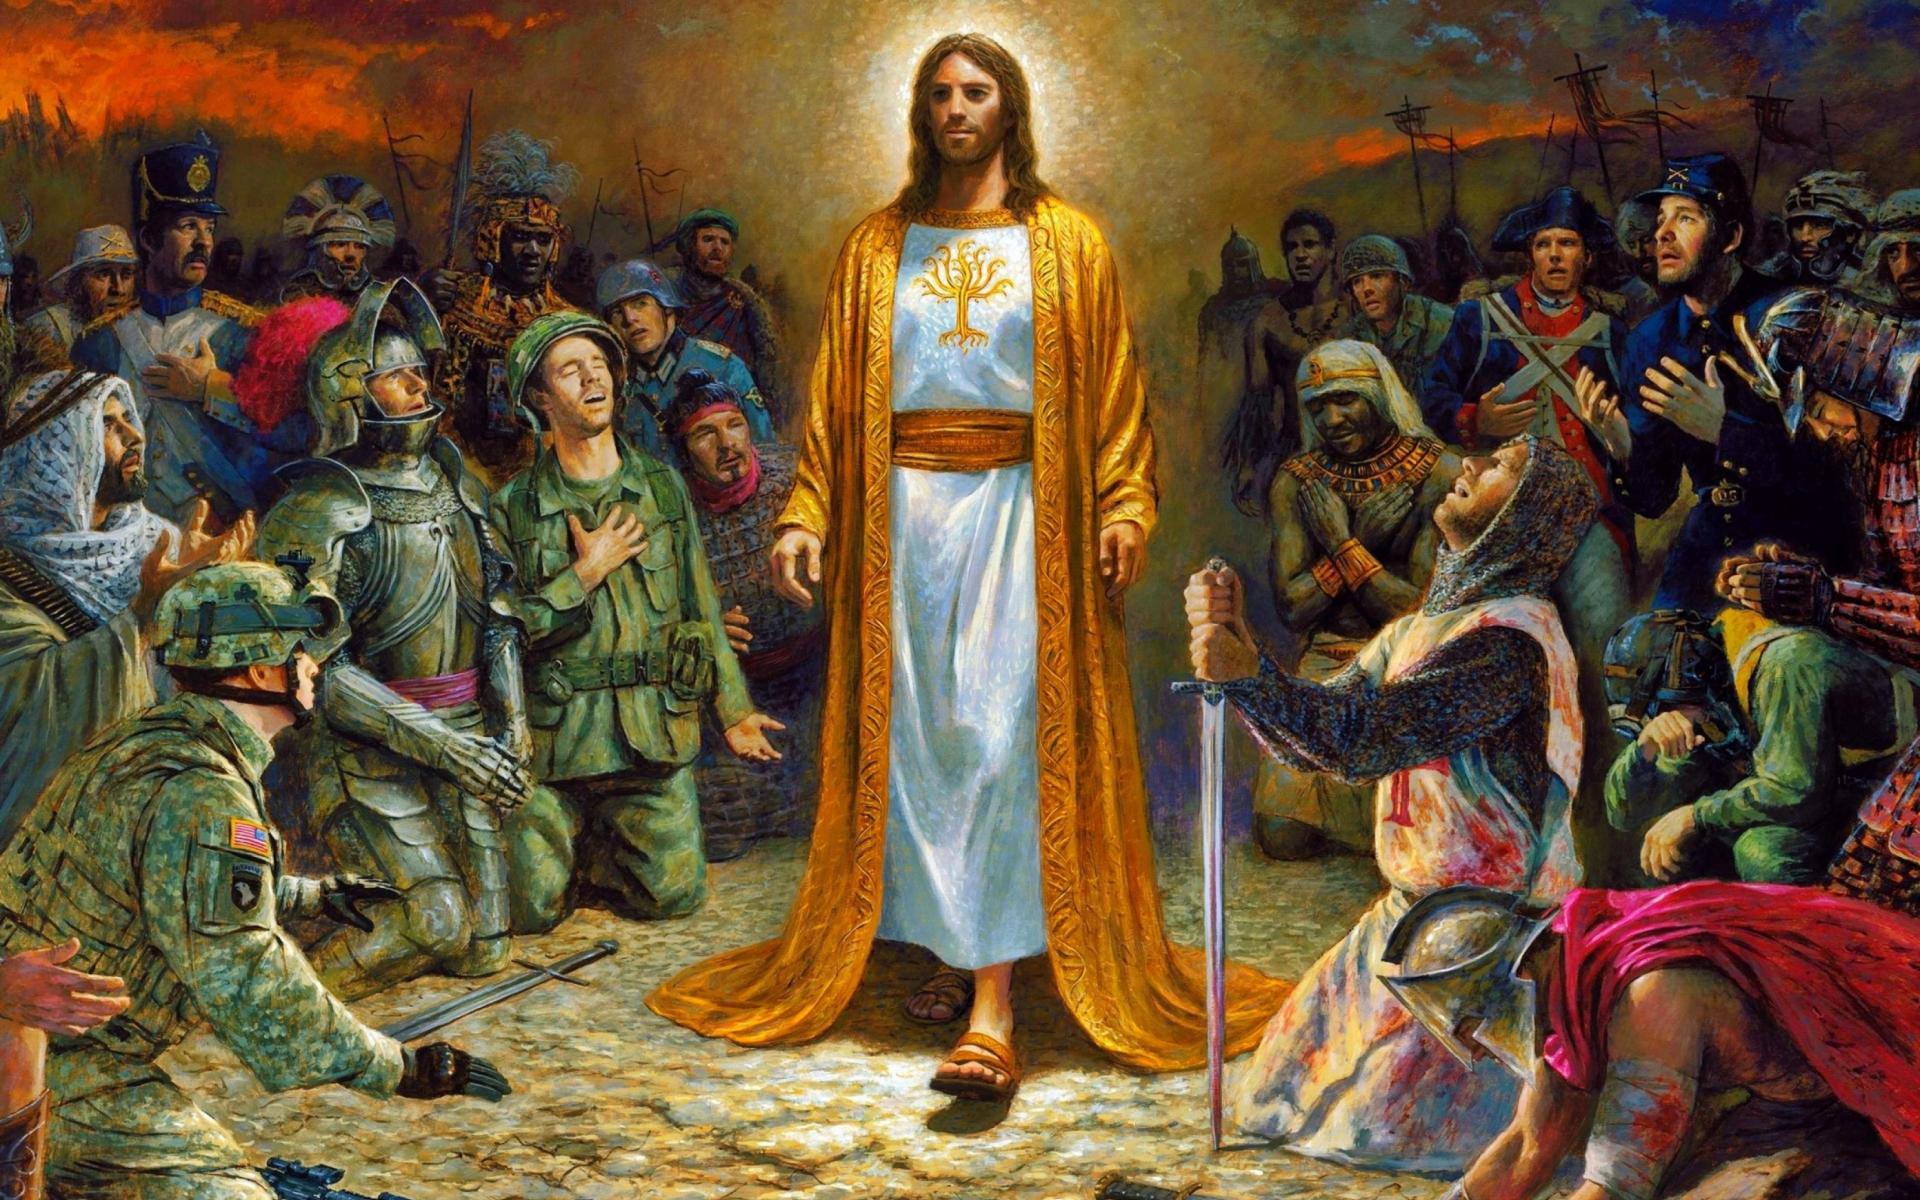 Jesús Fondos de pantalla Descargar Gratis